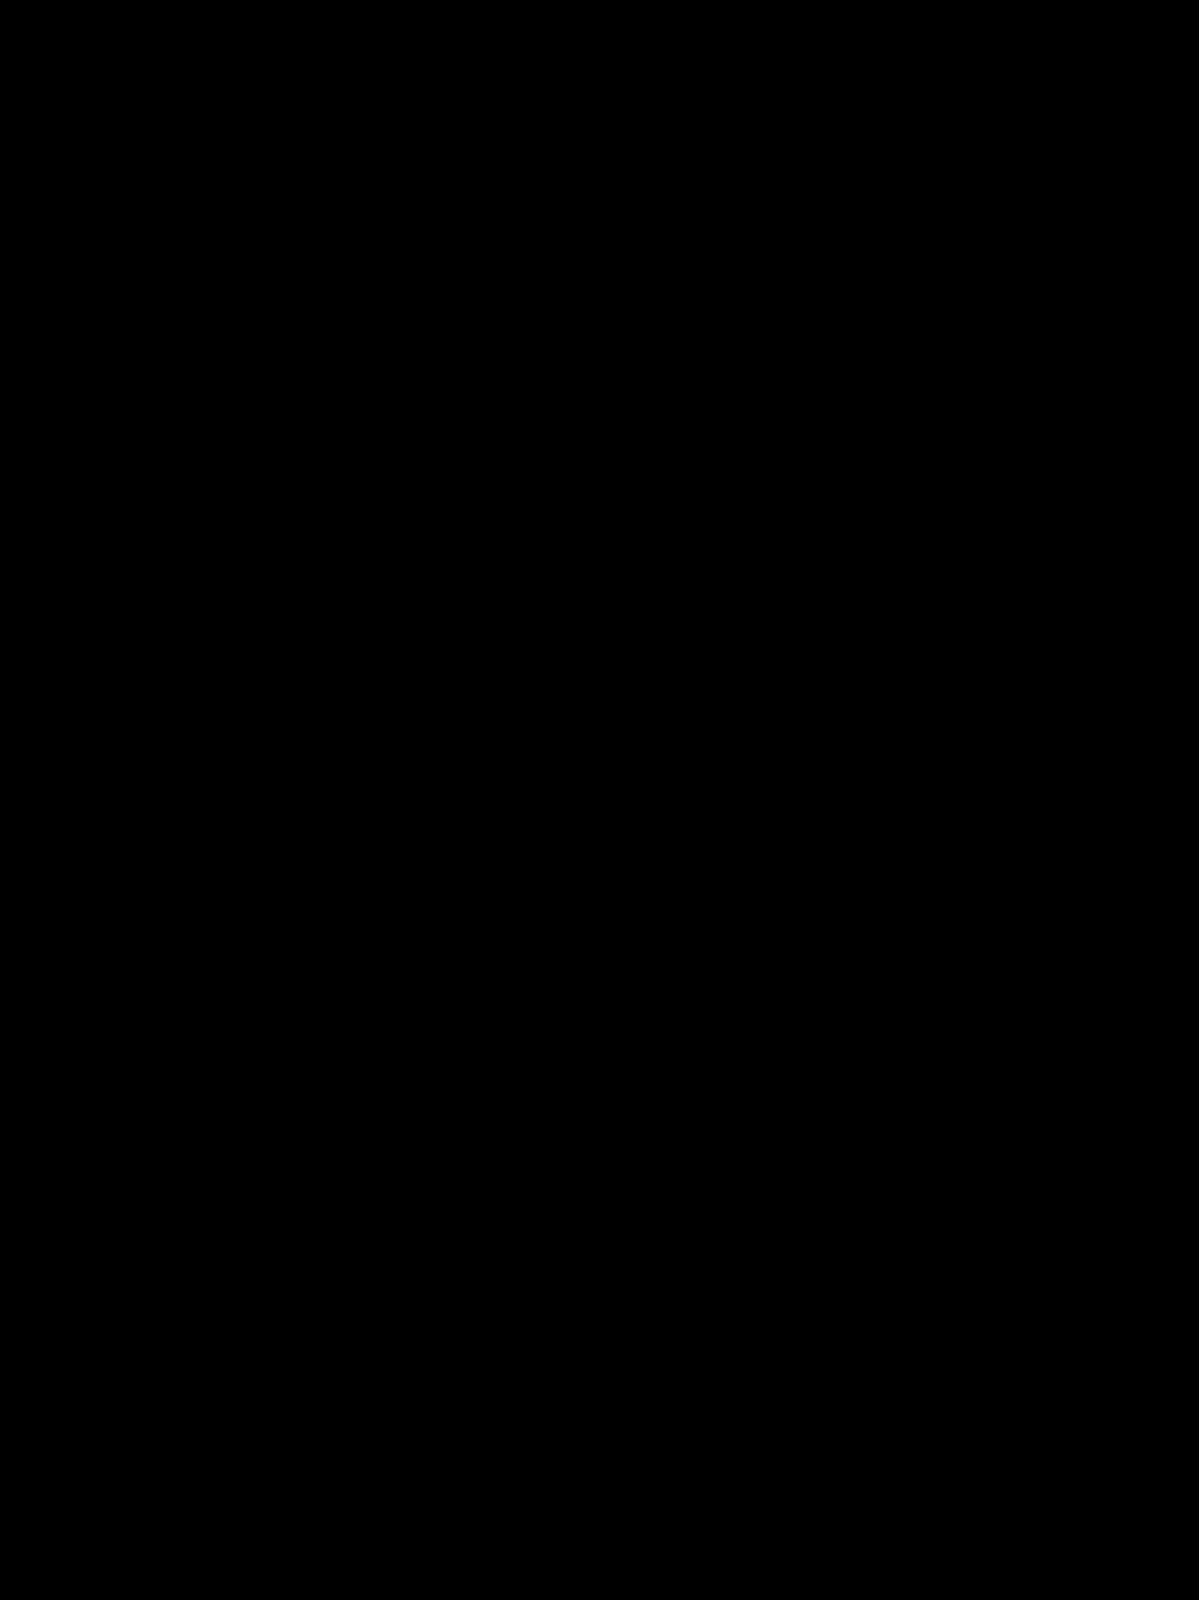 Mascarilla higiénica reutilizable niño. Mod. Bucker Bu-131